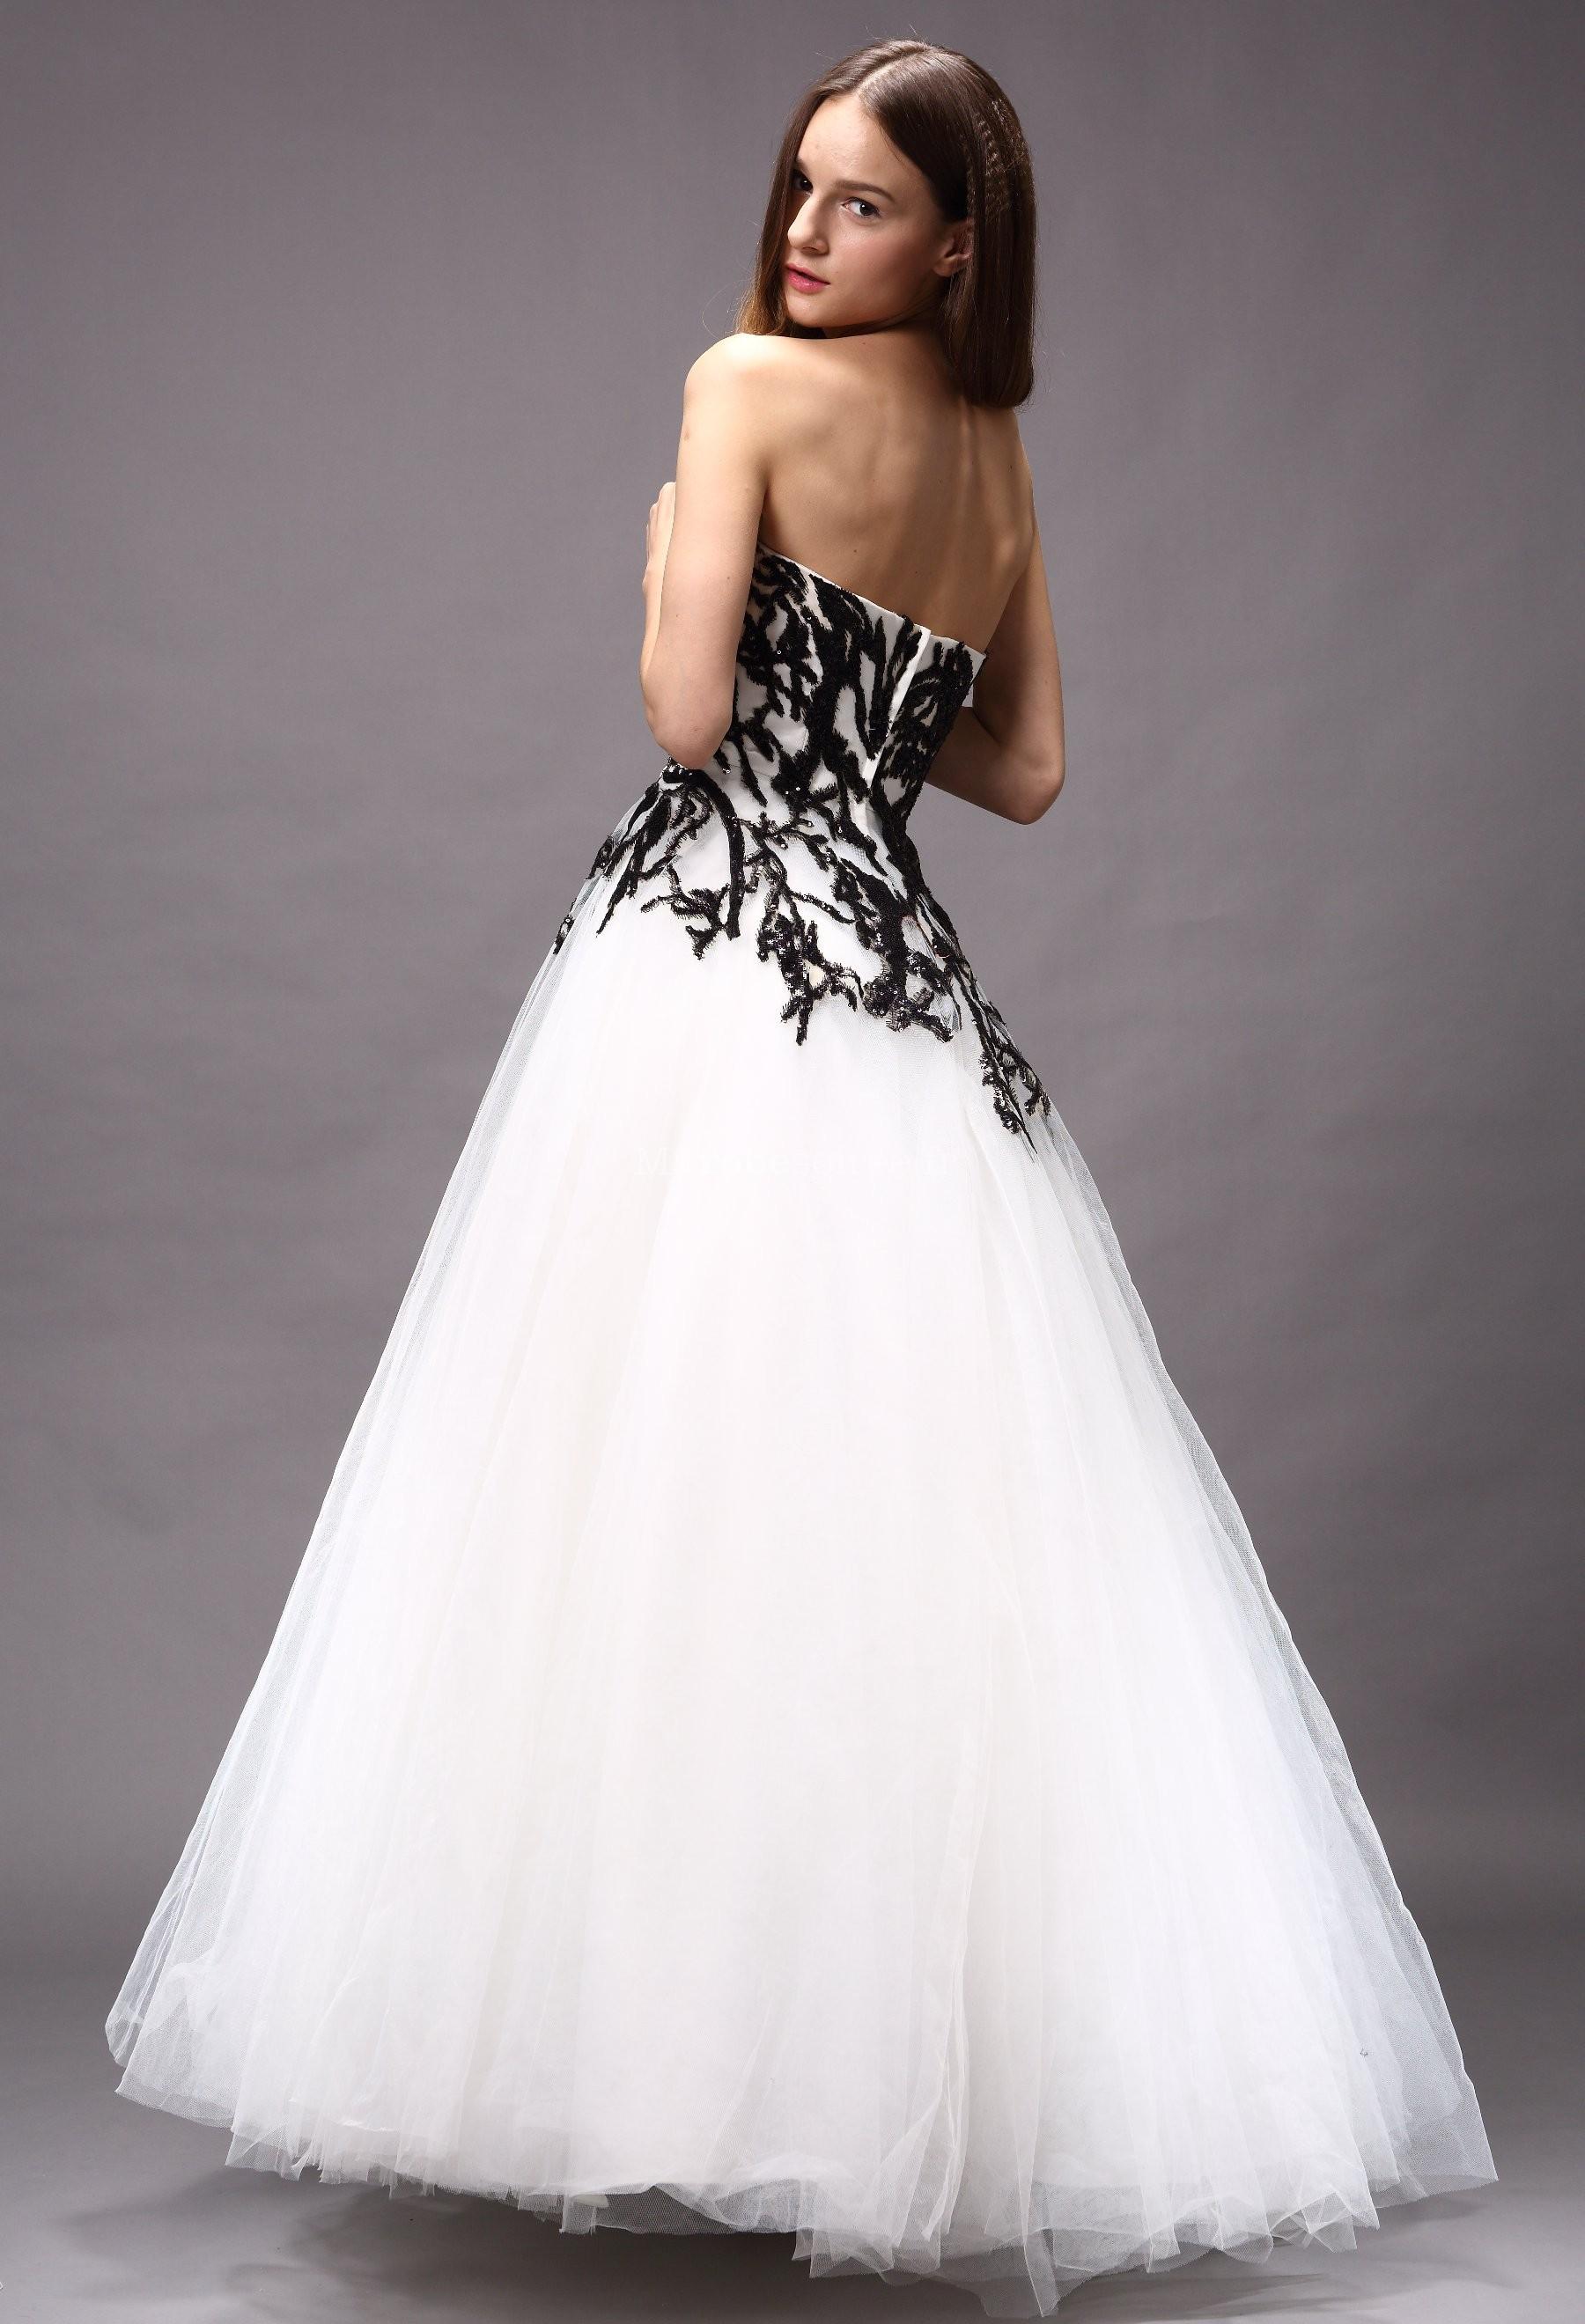 Robe de mariee noire blanche